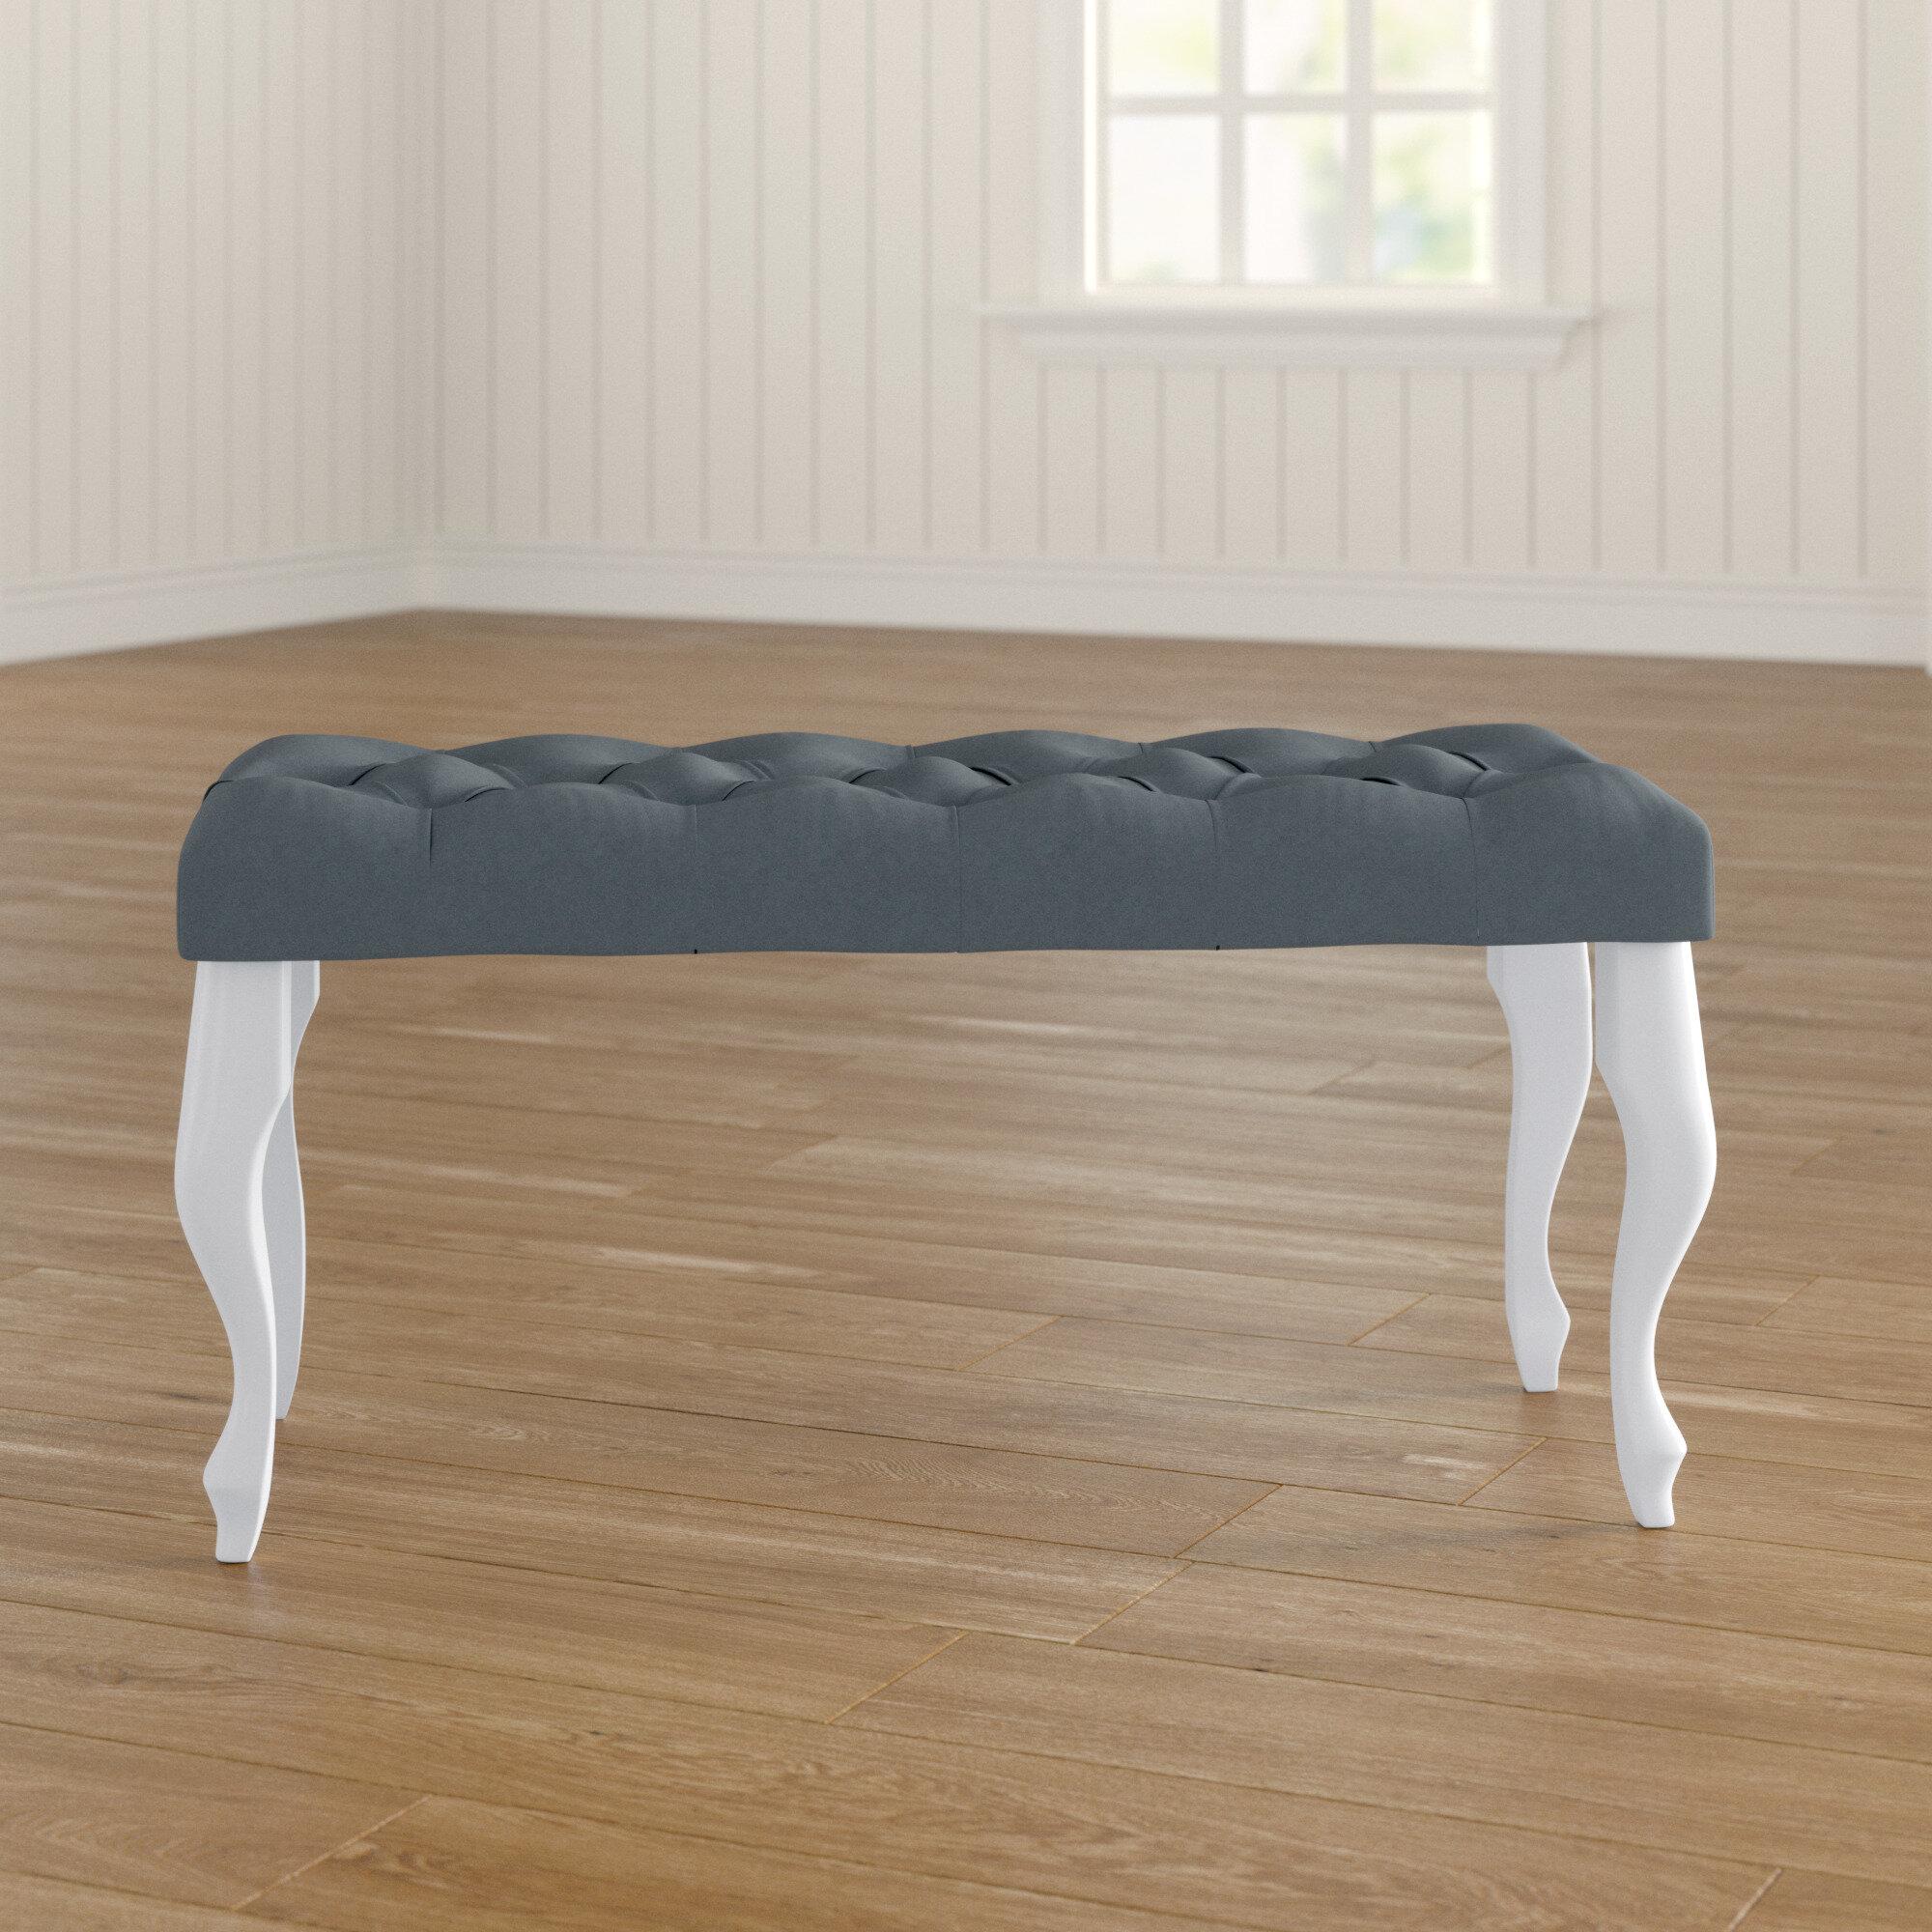 Full Size of Moderne Sitzbank Schlafzimmer Caseconradcom Küche Mit Lehne Bett Gepolstertem Kopfteil Garten Bad Wohnzimmer Gepolsterte Sitzbank